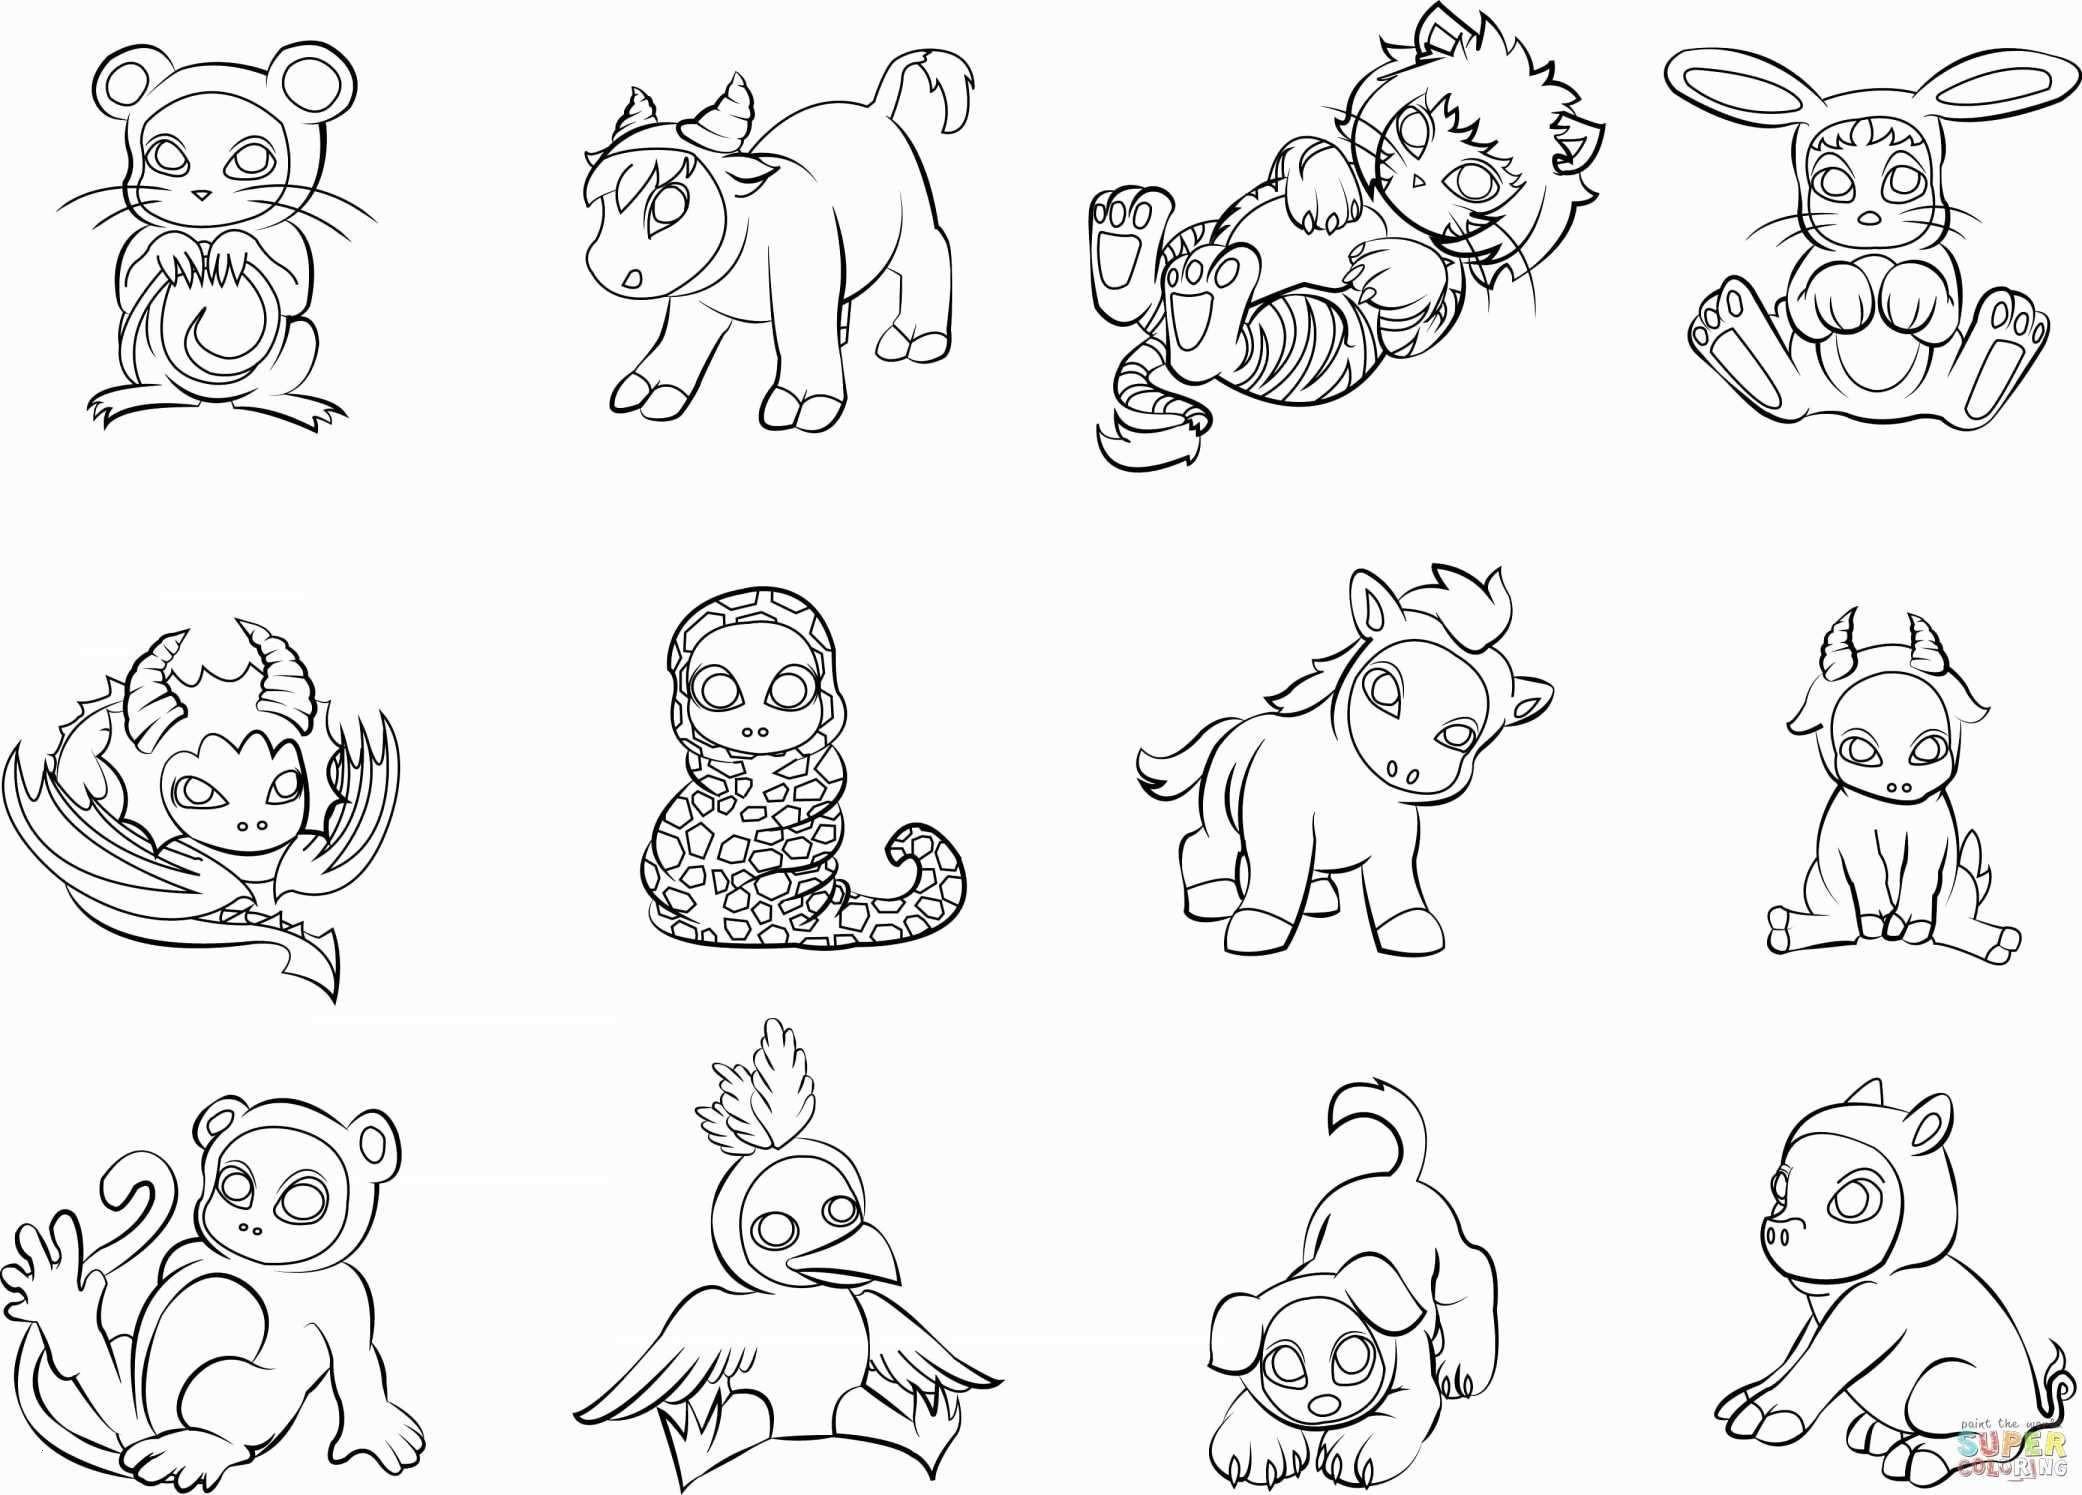 Malvorlagen Winnie Pooh Das Beste Von 45 Frisch Ausmalbilder Winnie Puuh Mickeycarrollmunchkin Galerie